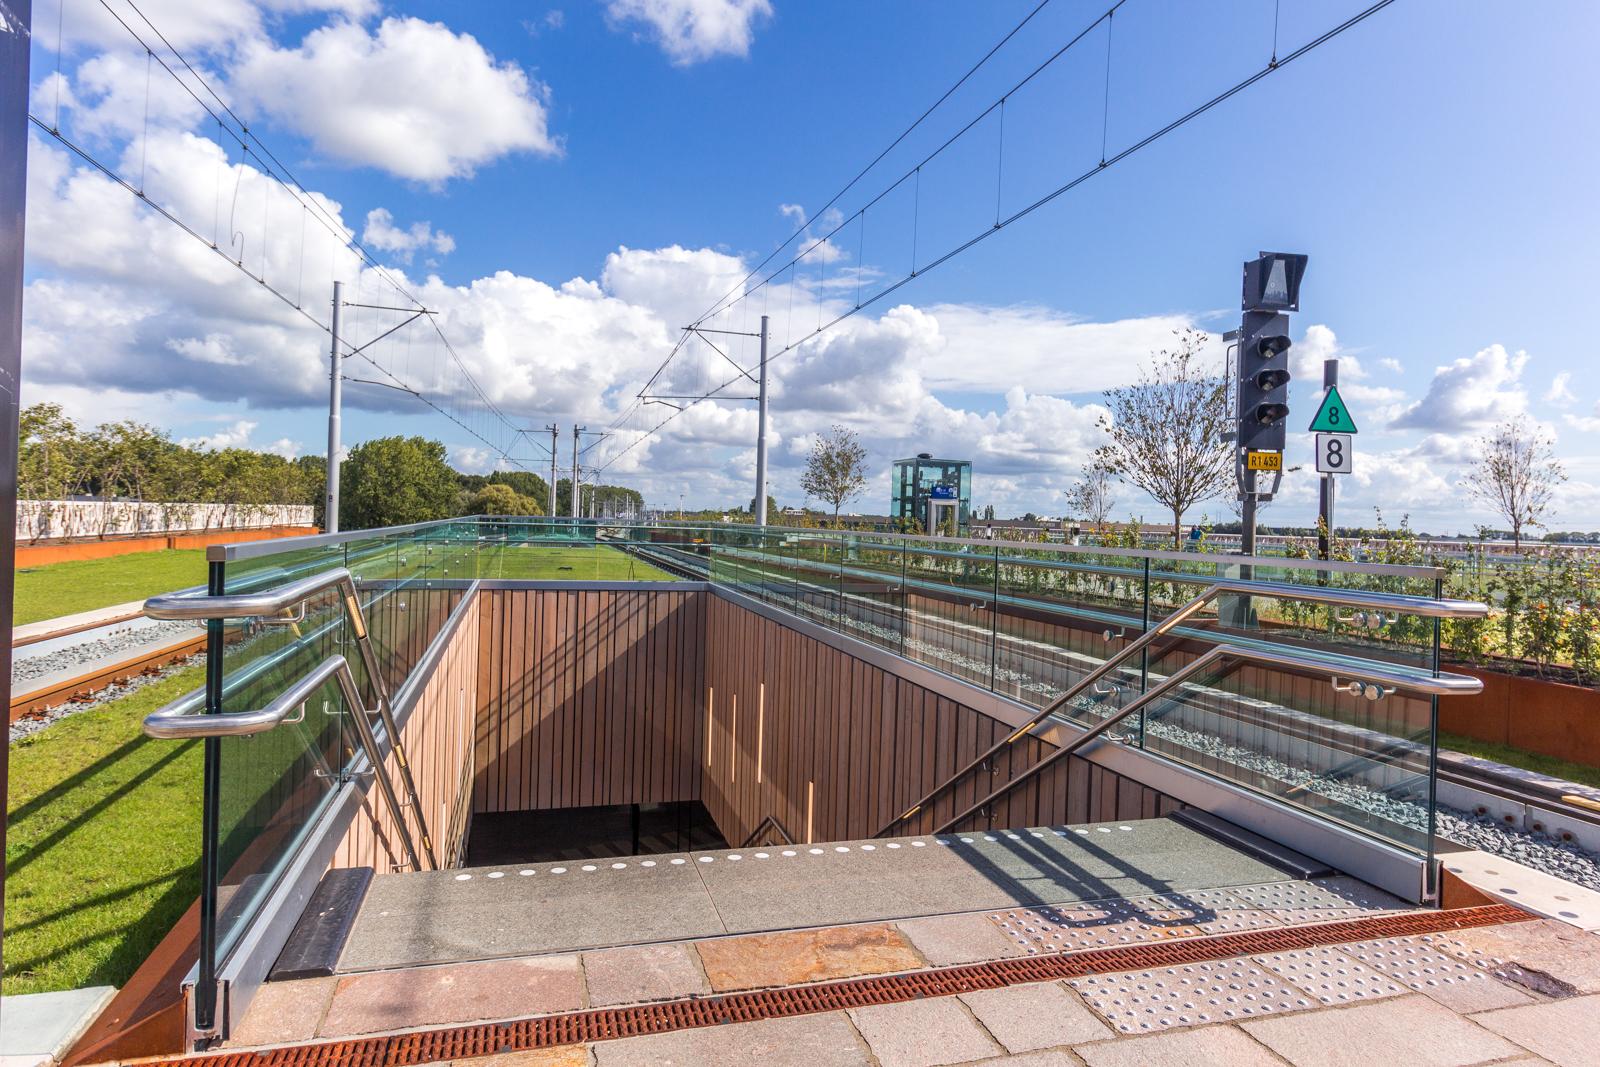 station-lansingerland-zoetermeer-7361